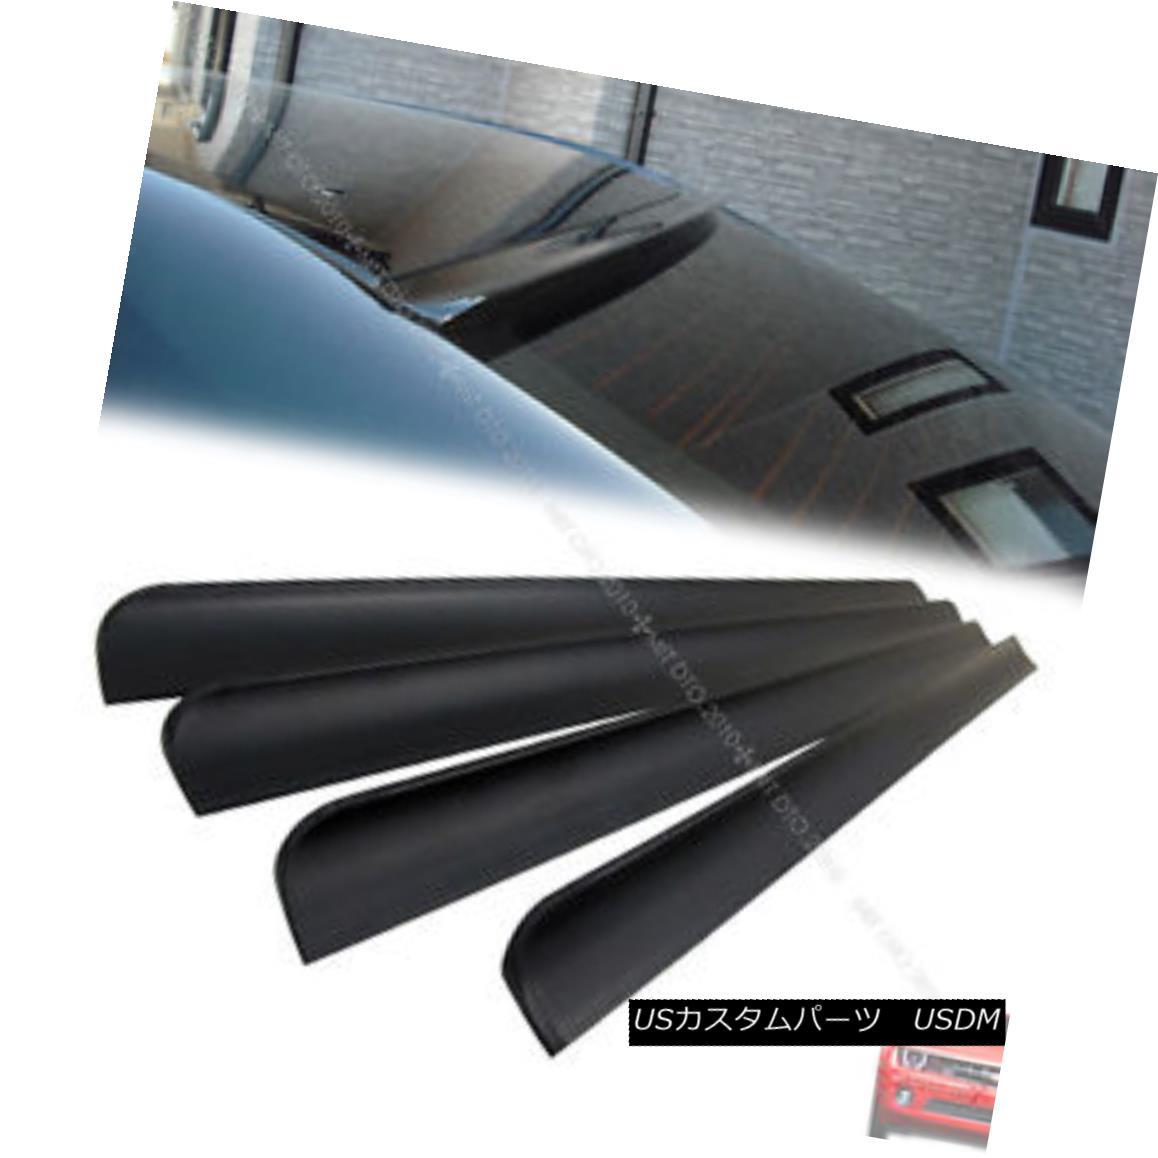 エアロパーツ UNPAINTED Chevrolet Malibu 7th 4DR Rear Roof Window Spoiler 08-12 § UNPAINTEDシボレーマリブ7th 4DRリアルーフウィンドウスポイラー08-12